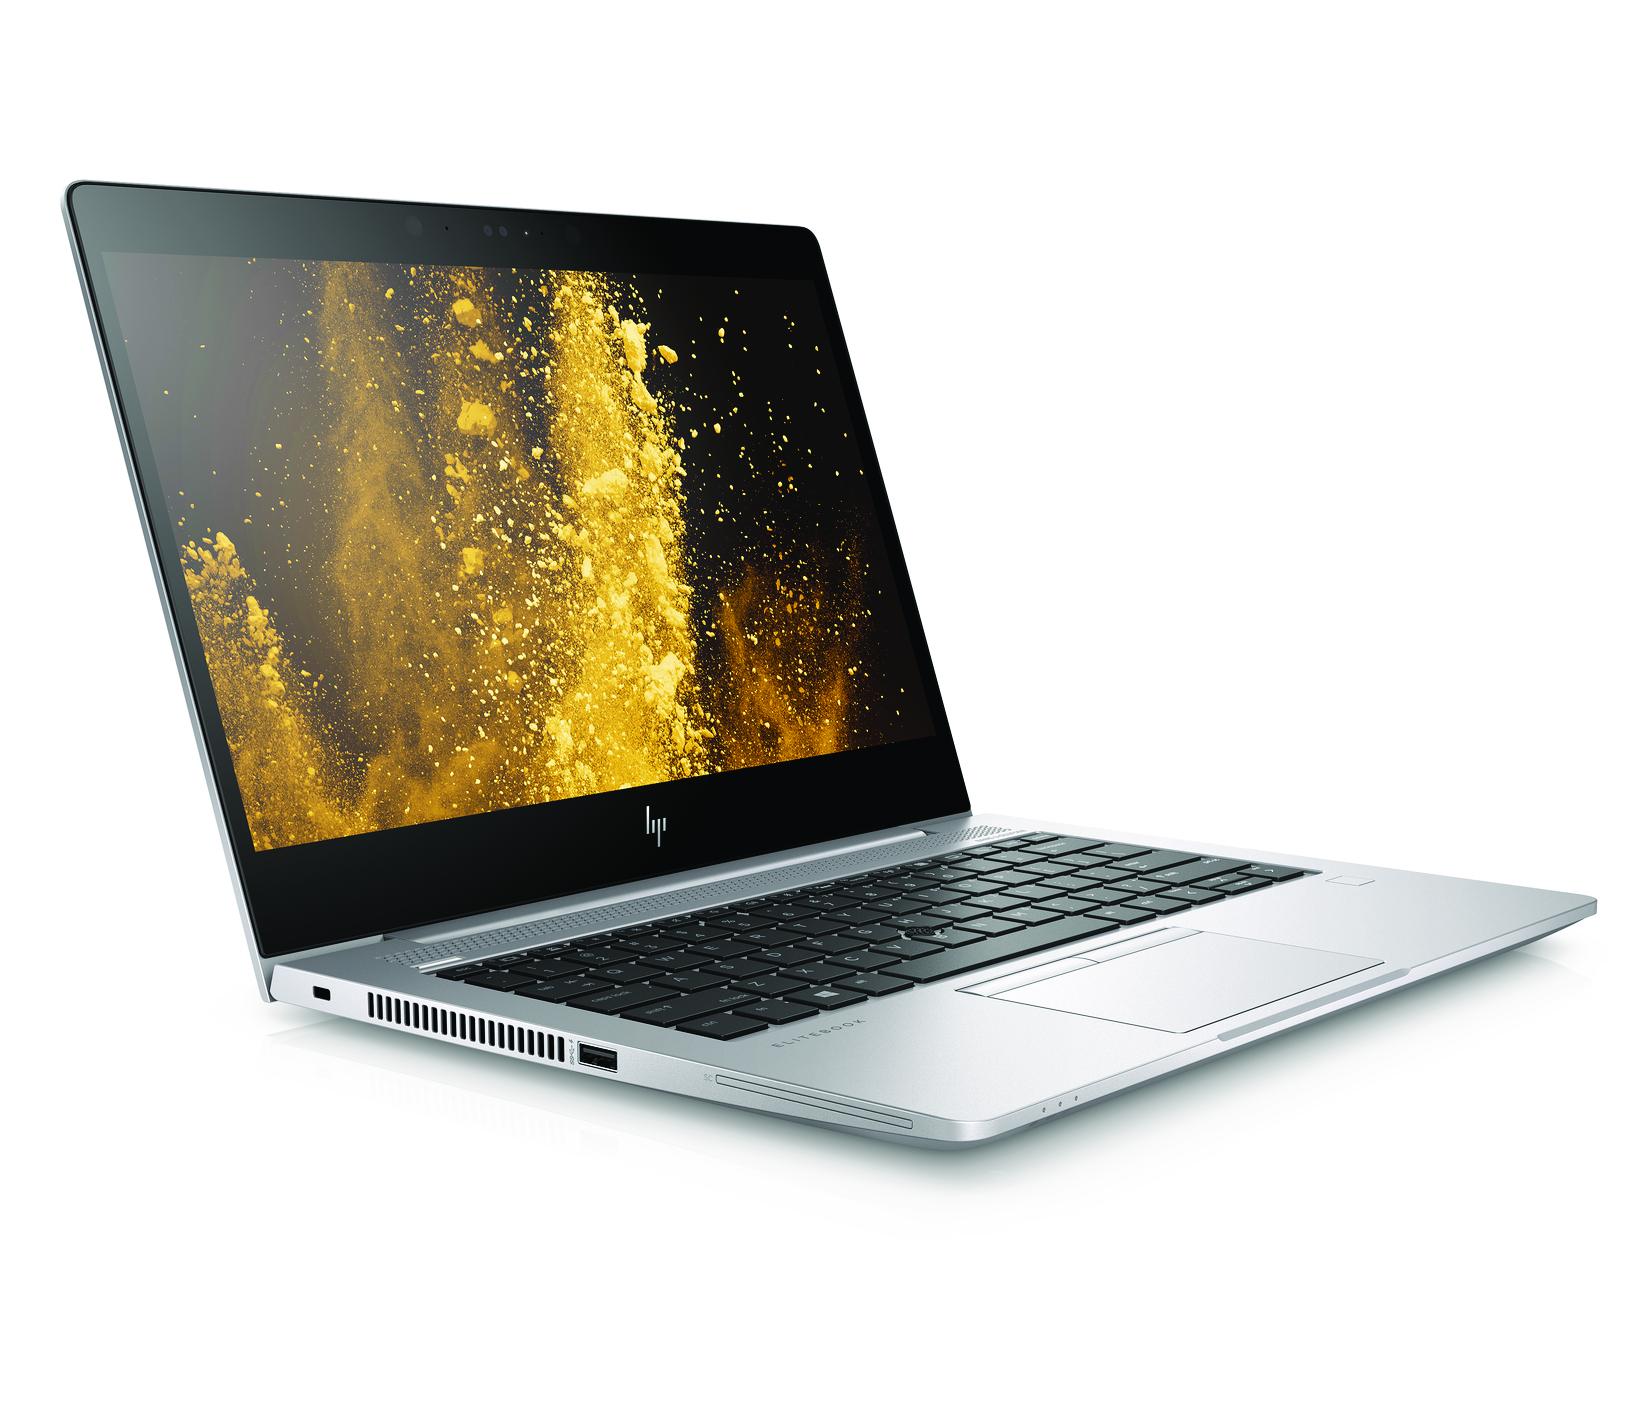 HP EliteBook830G5 із технологією HP Sure View